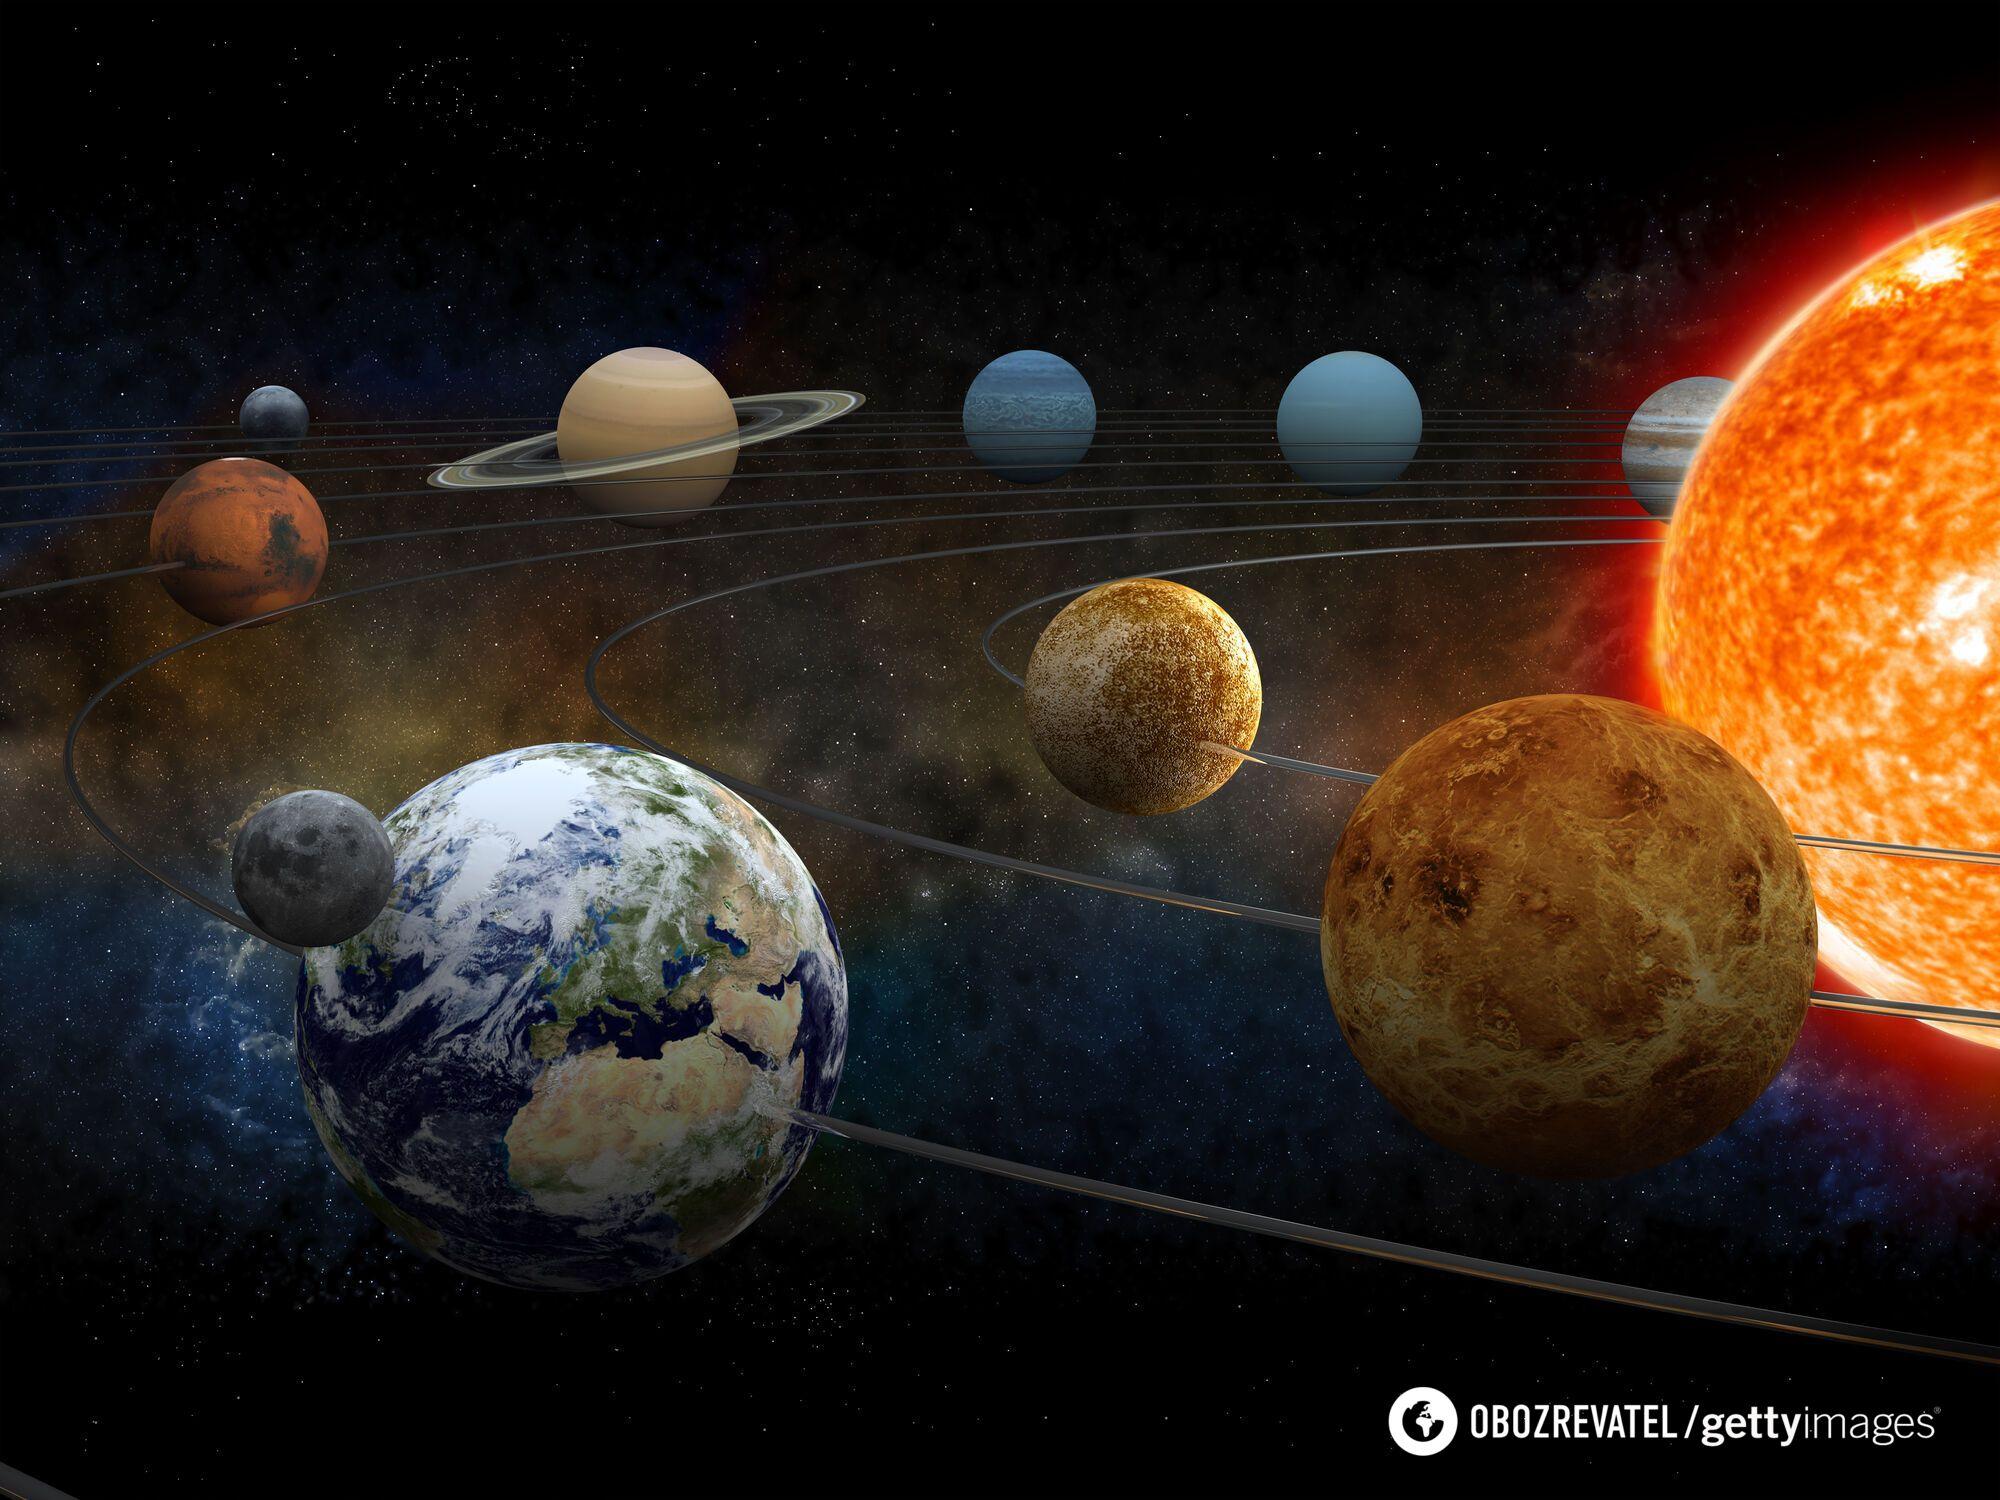 Астрономи визначили 29 планет, із яких нібито можна спостерігати за Землею